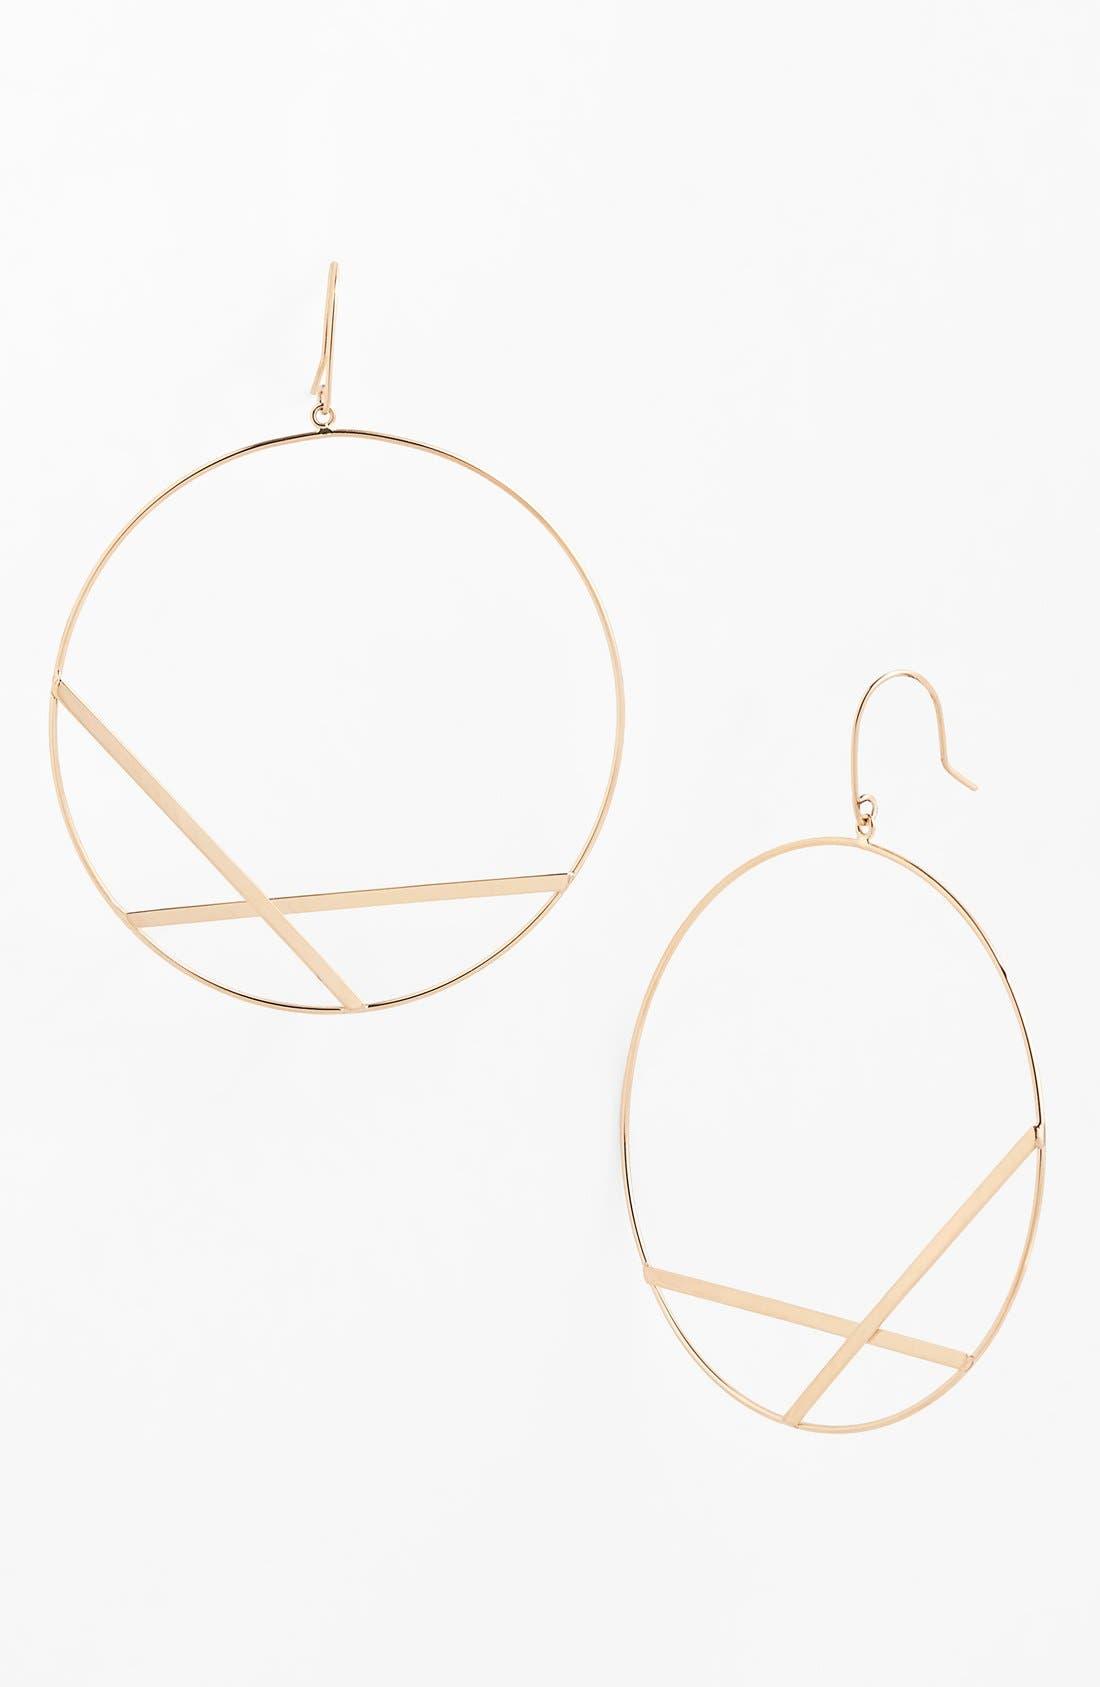 Alternate Image 1 Selected - Lana Jewelry 'Affinity' Large Drop Hoop Earrings